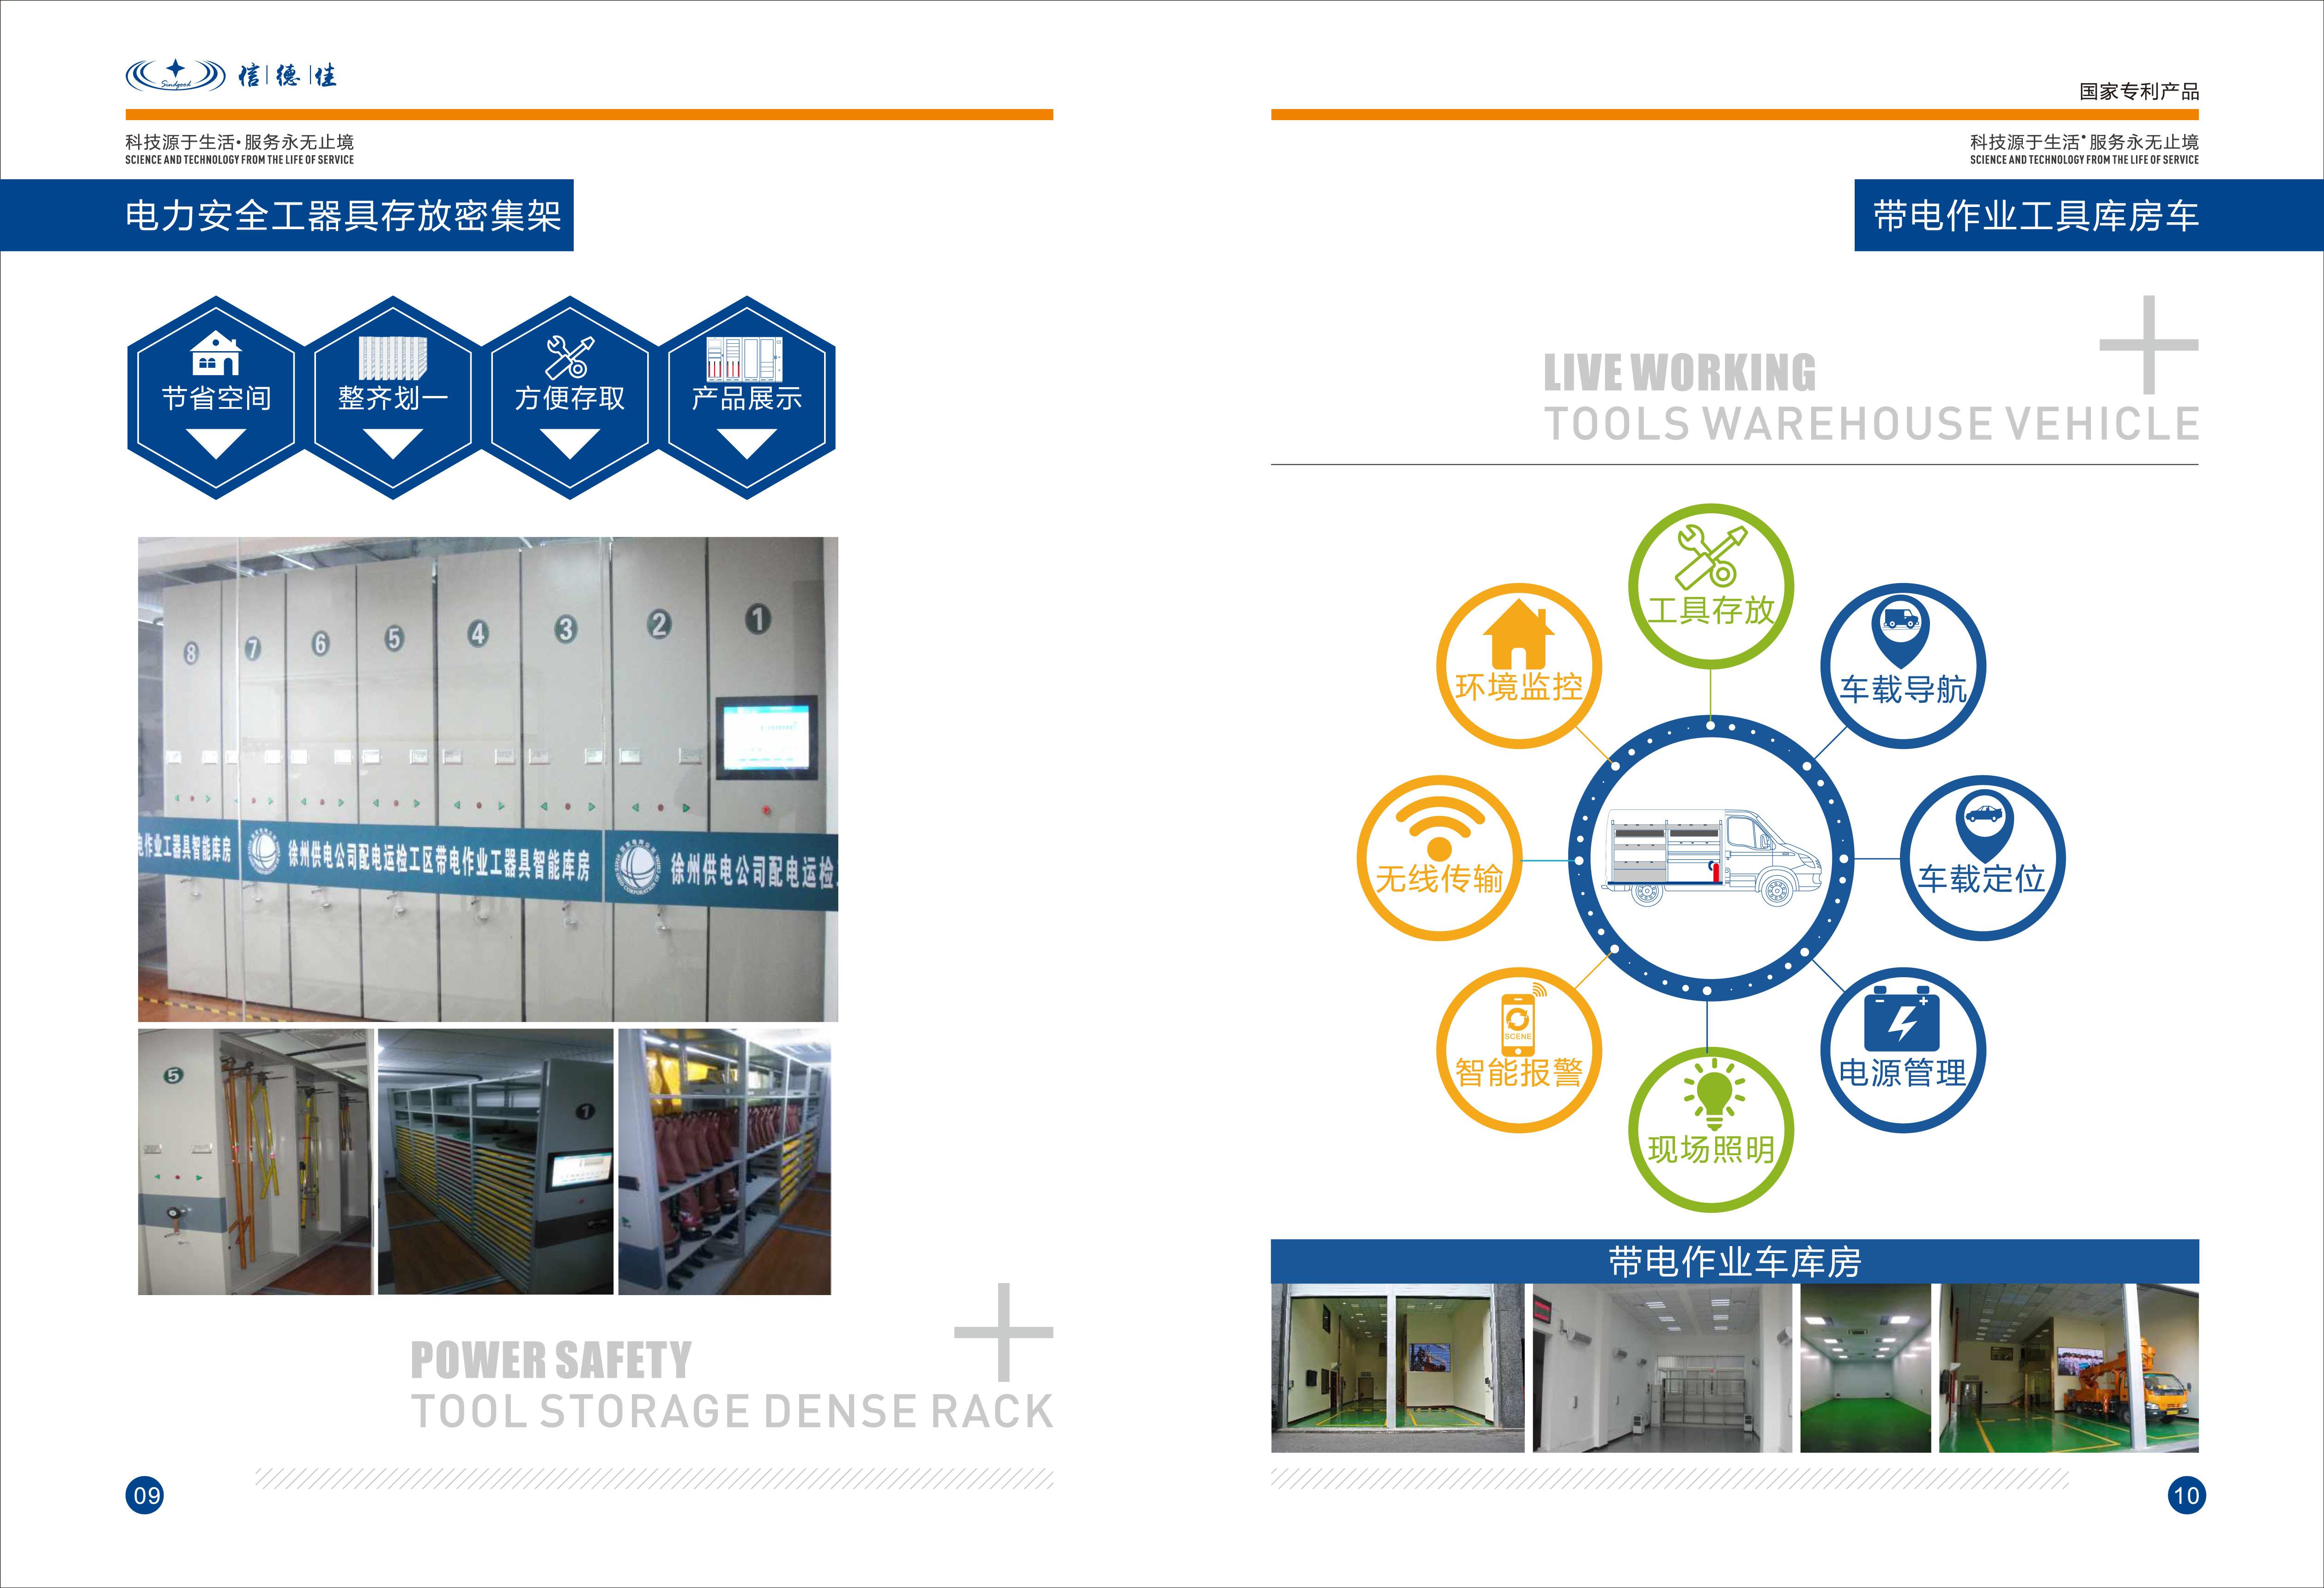 广告册-智能带电作业库房管理-6.jpg